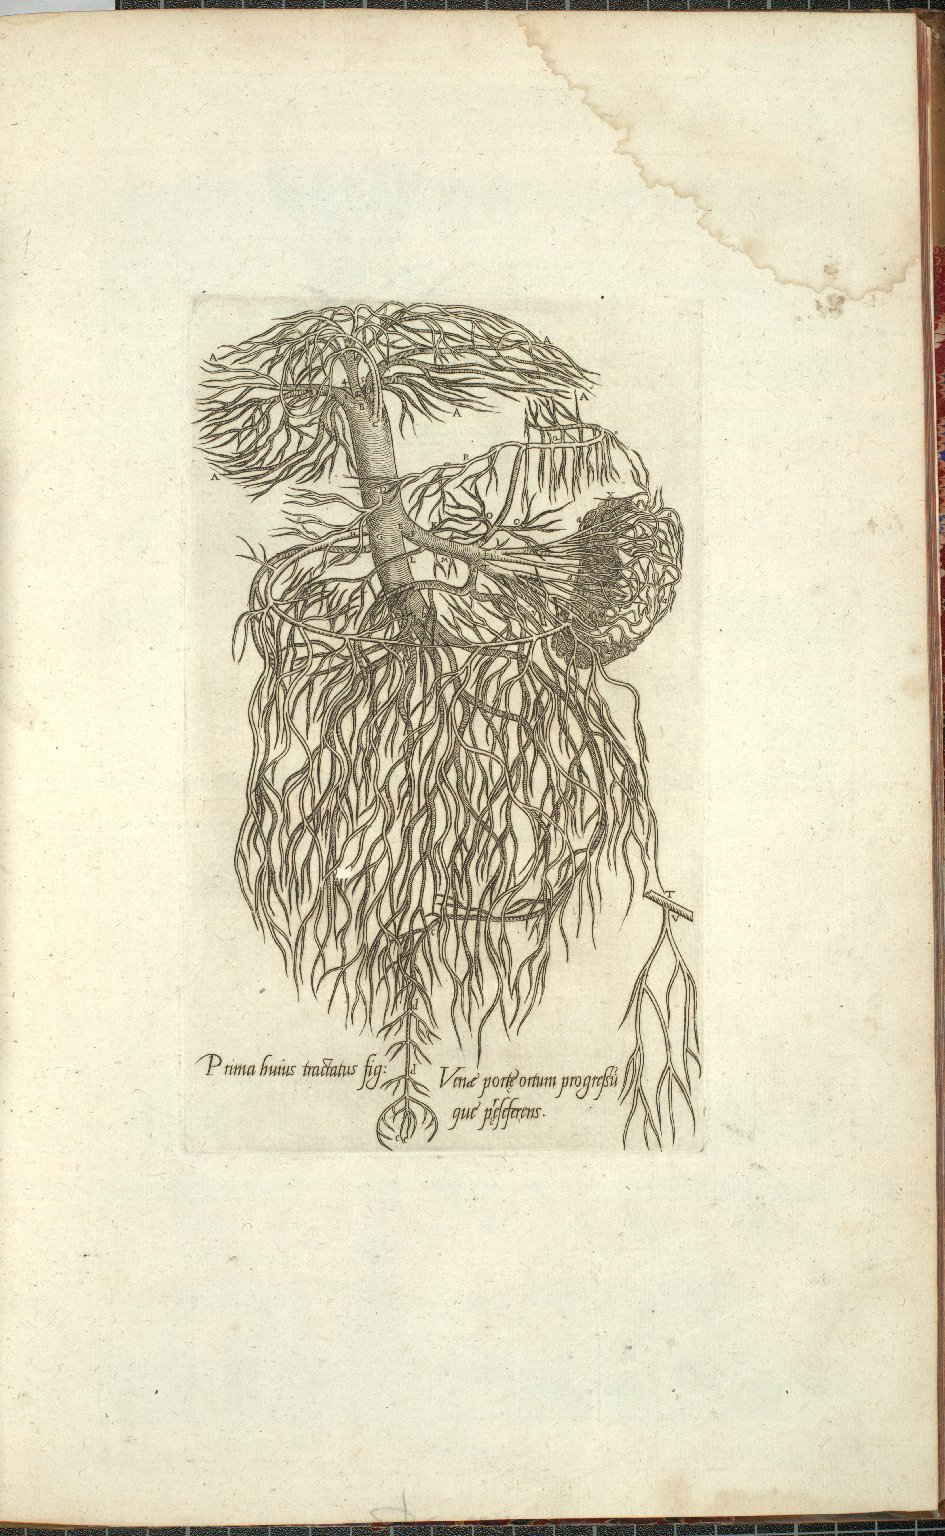 Prima huius tractatus fig: Venae porte ortum progressu que preseferens